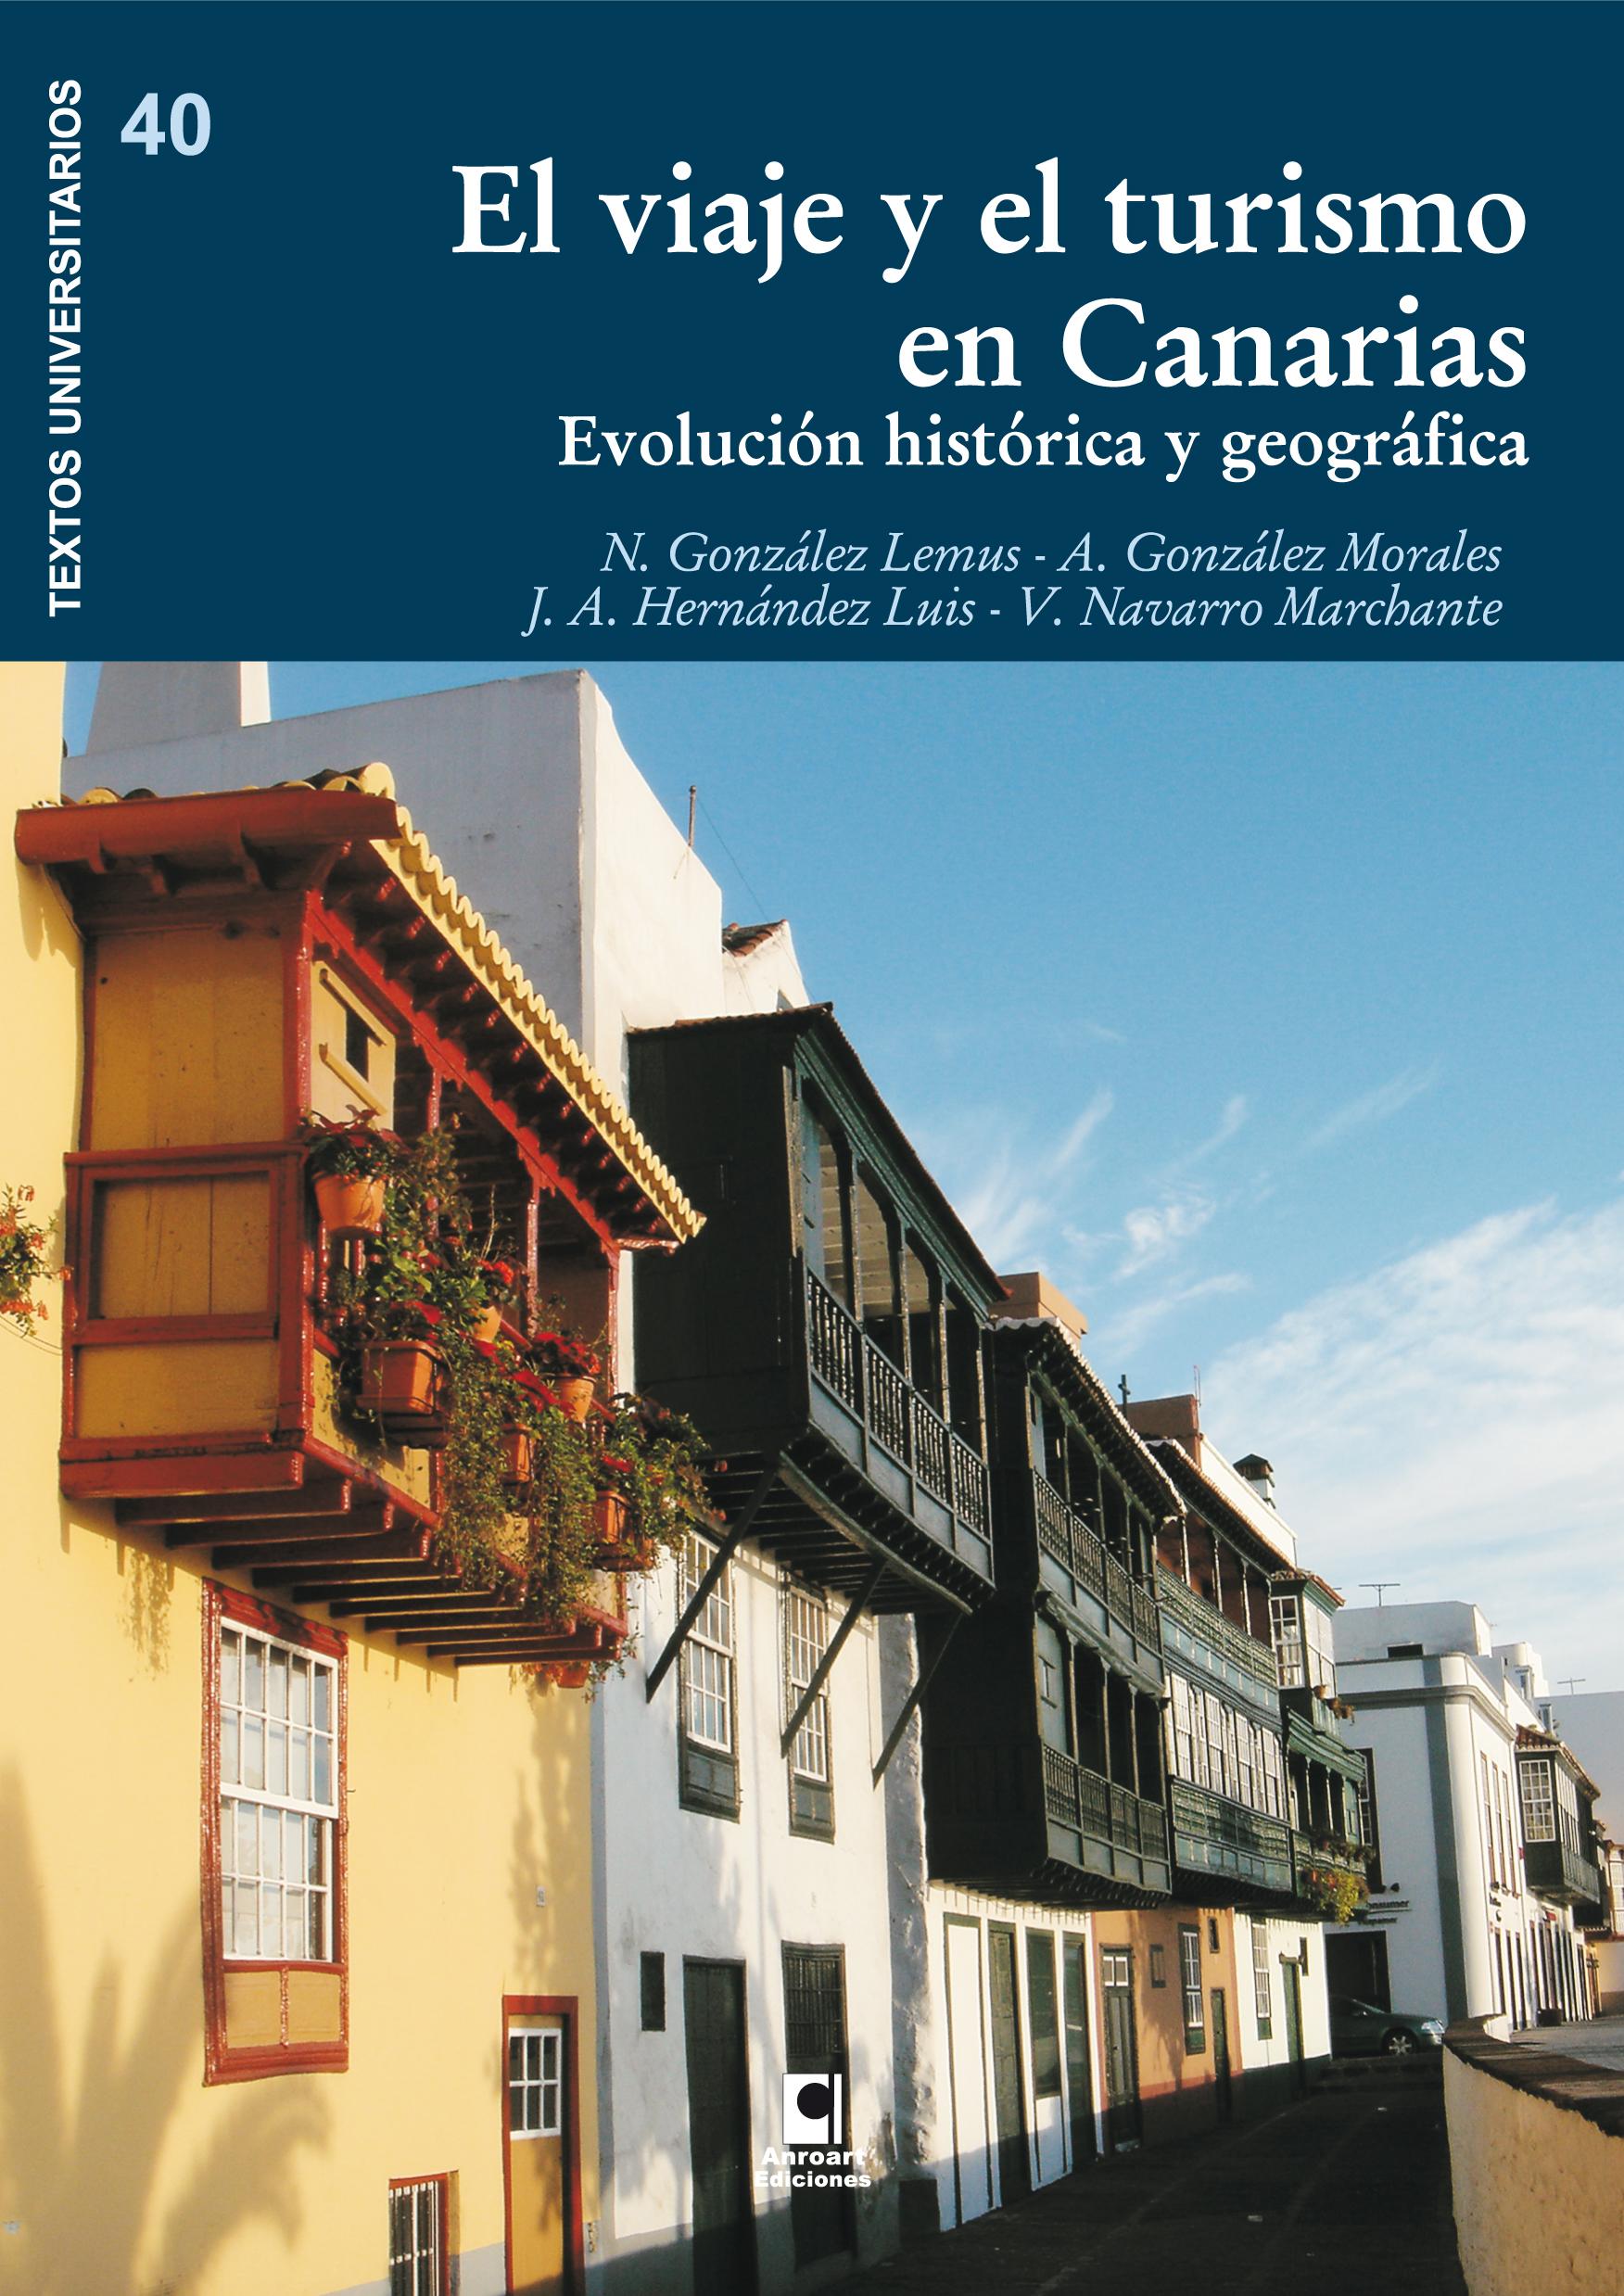 El viaje y el turismo en canarias nivaria ediciones for Oficina turismo canarias